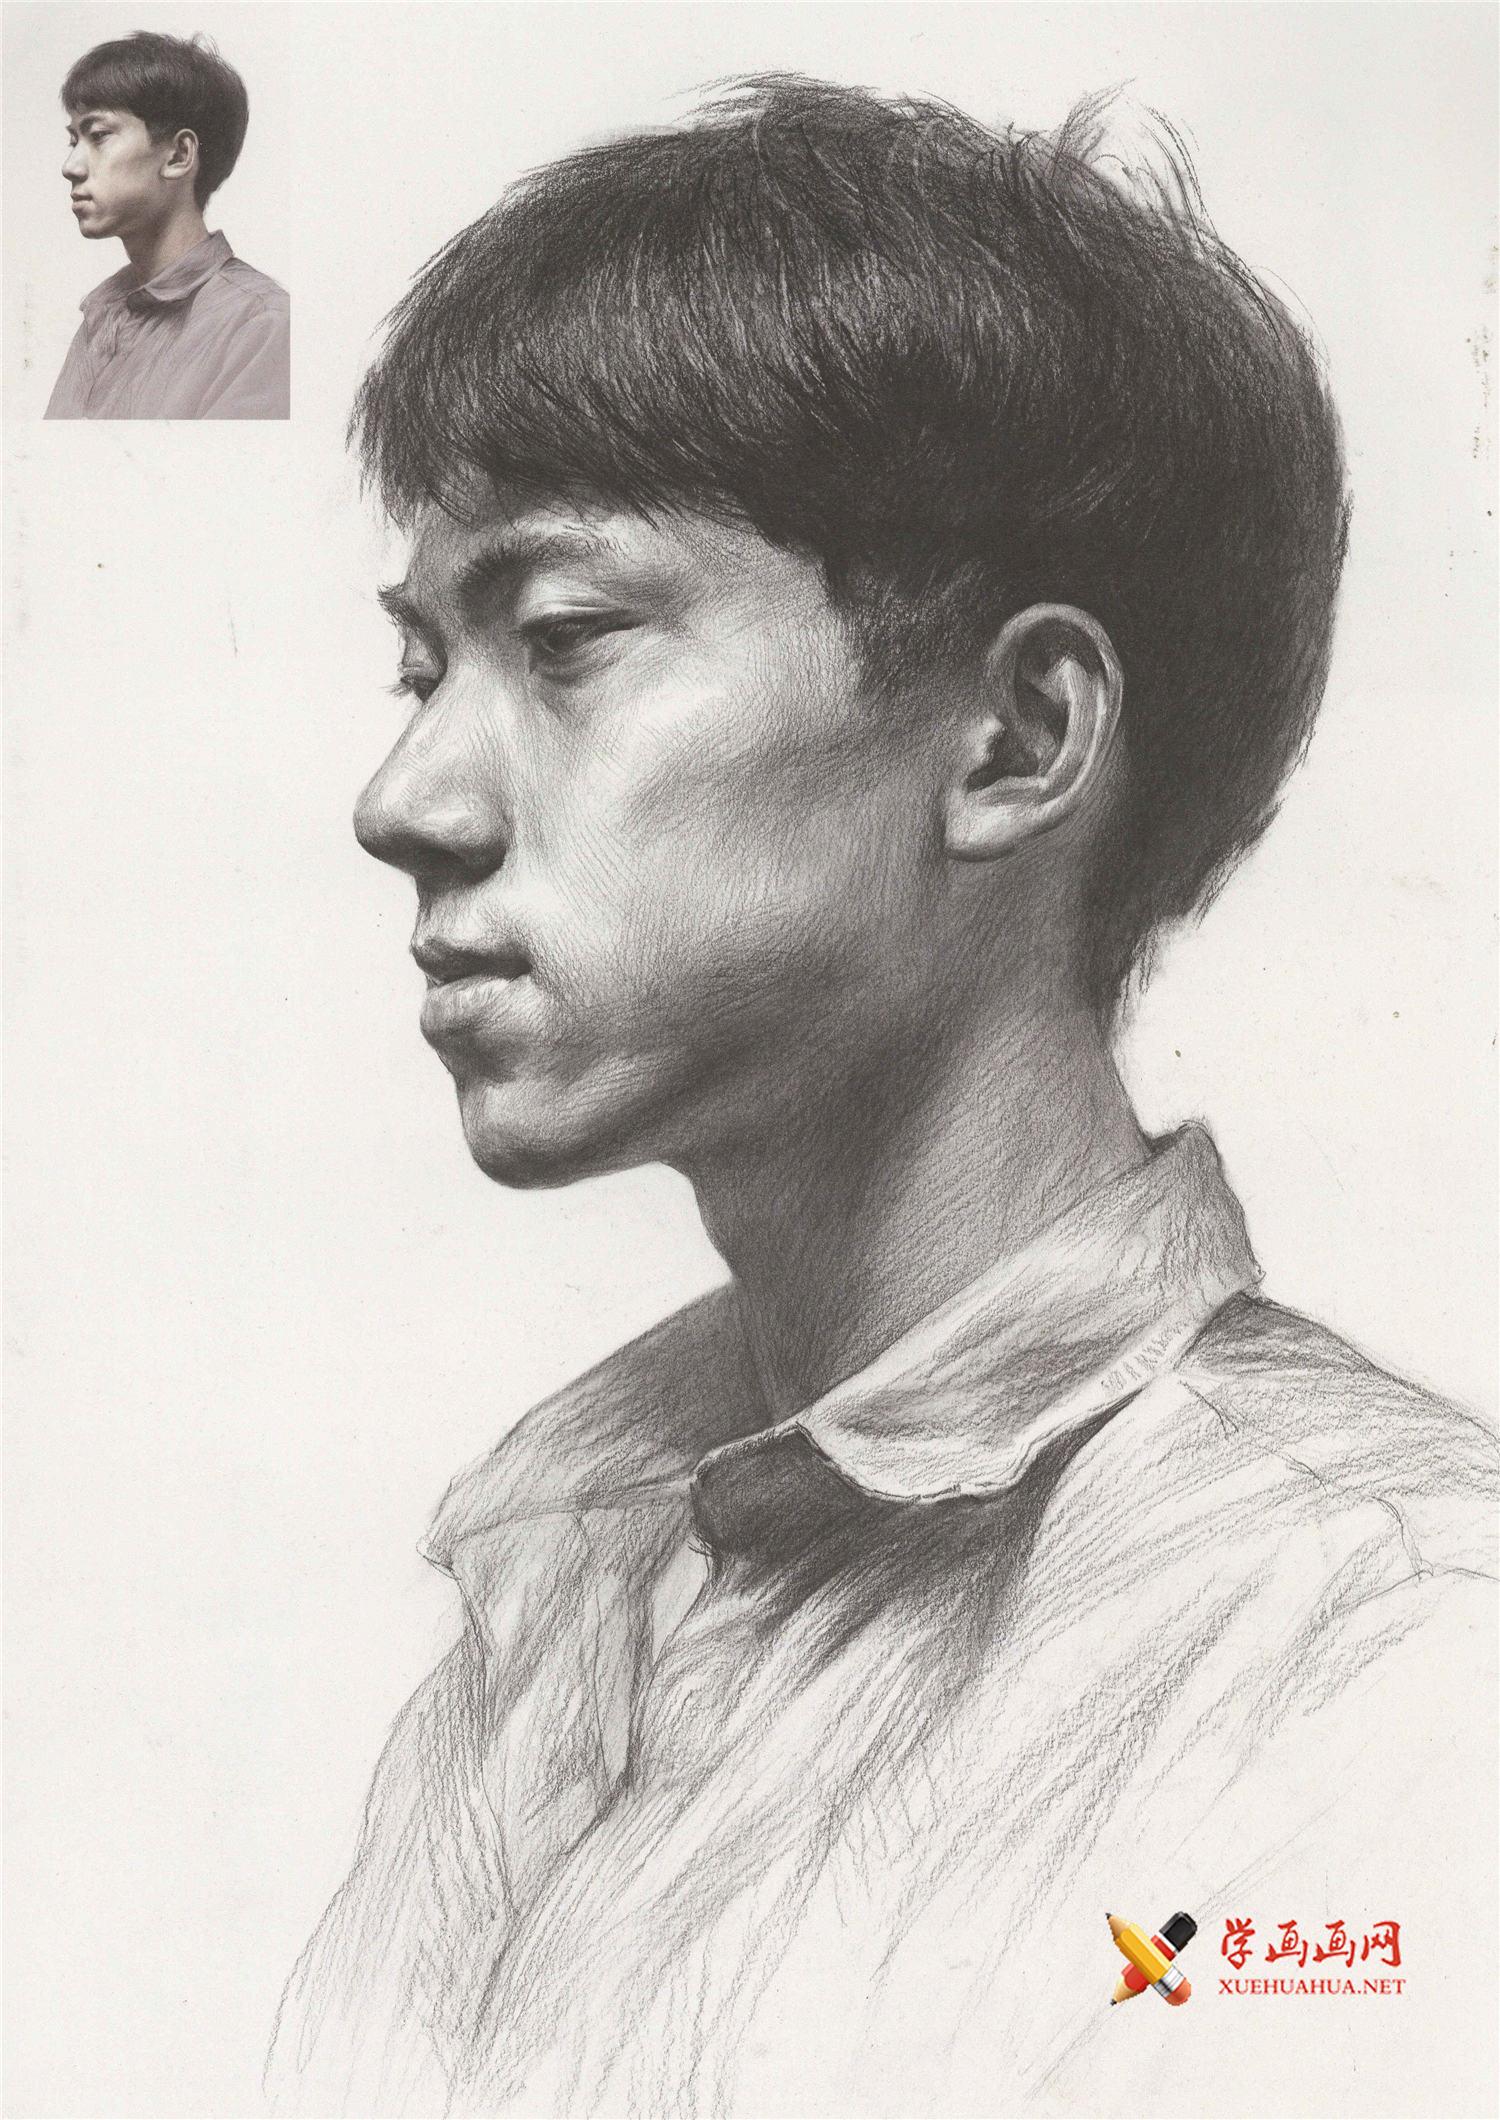 素描侧面男子的头像画法高清图片(1)